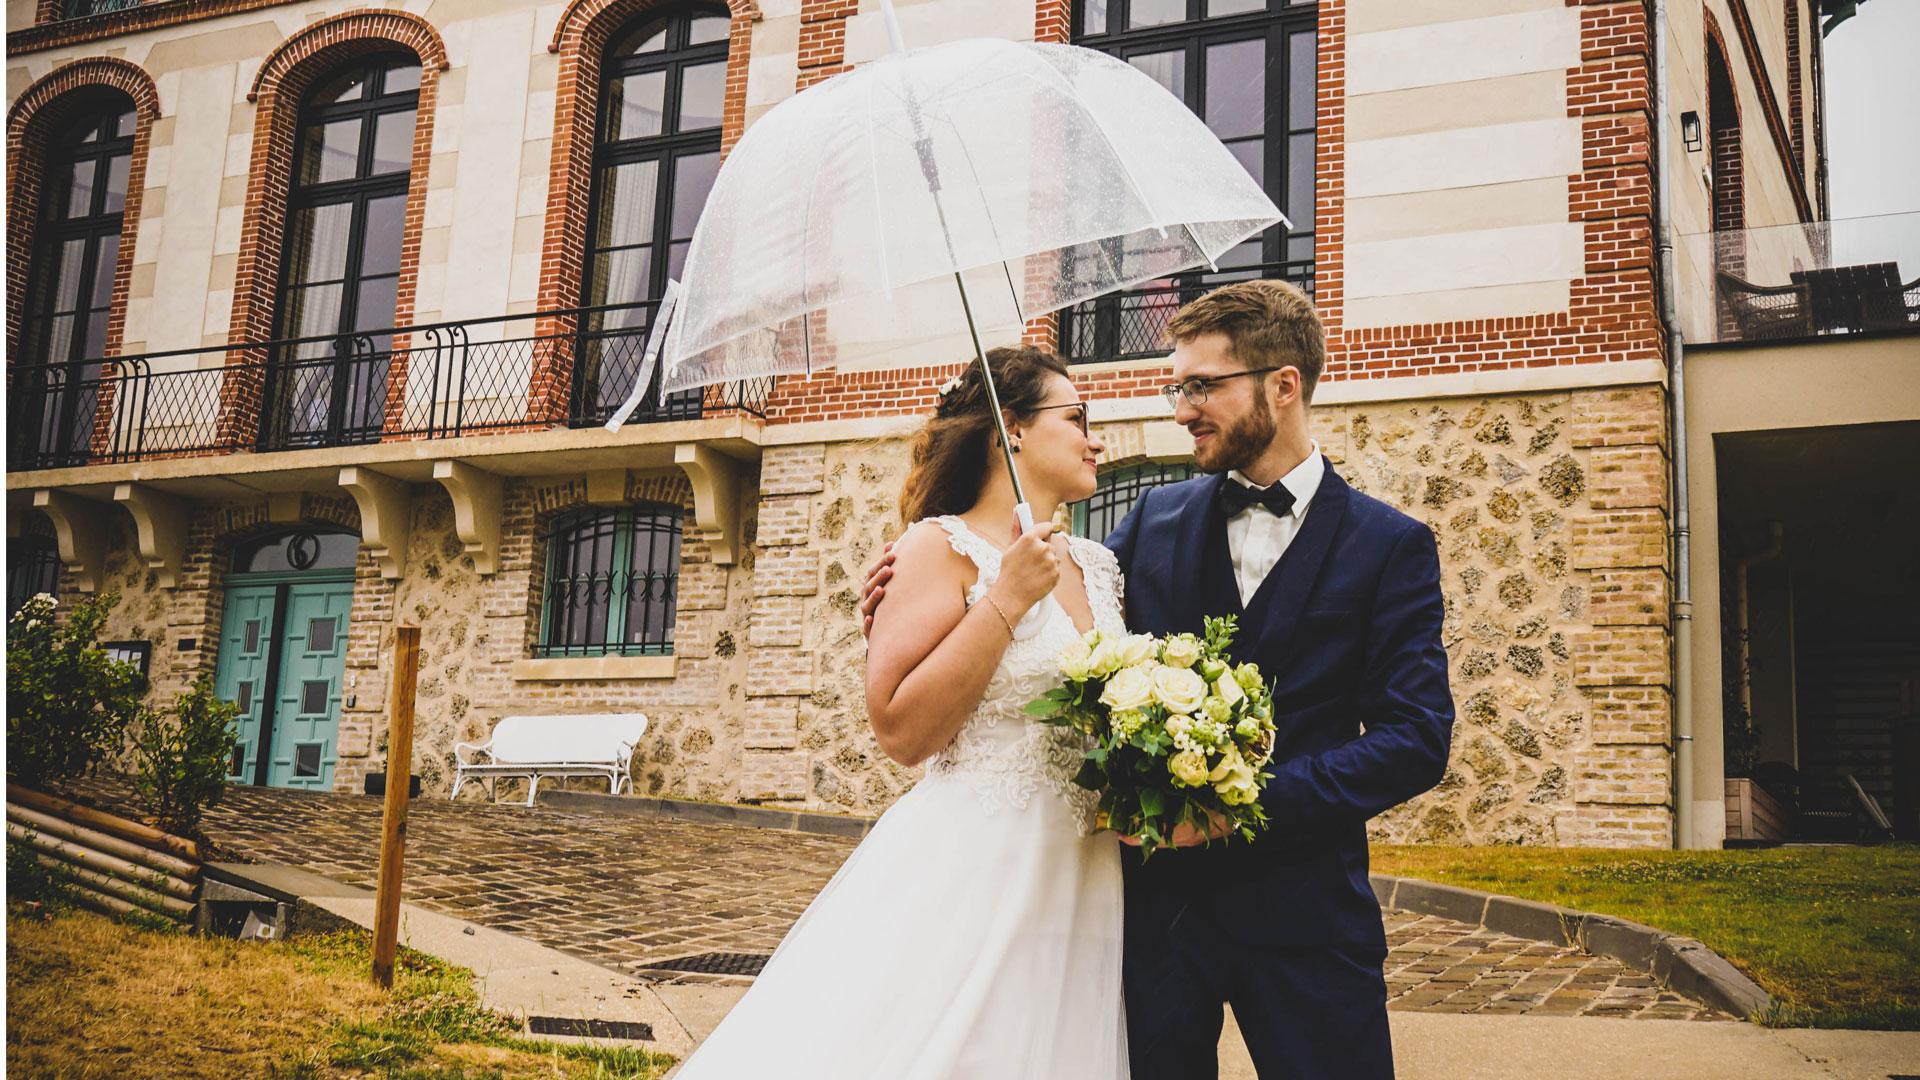 Les mariés sous la pluie avec un parapluie transparent. Perfect Moment by A Wedding planner Reims